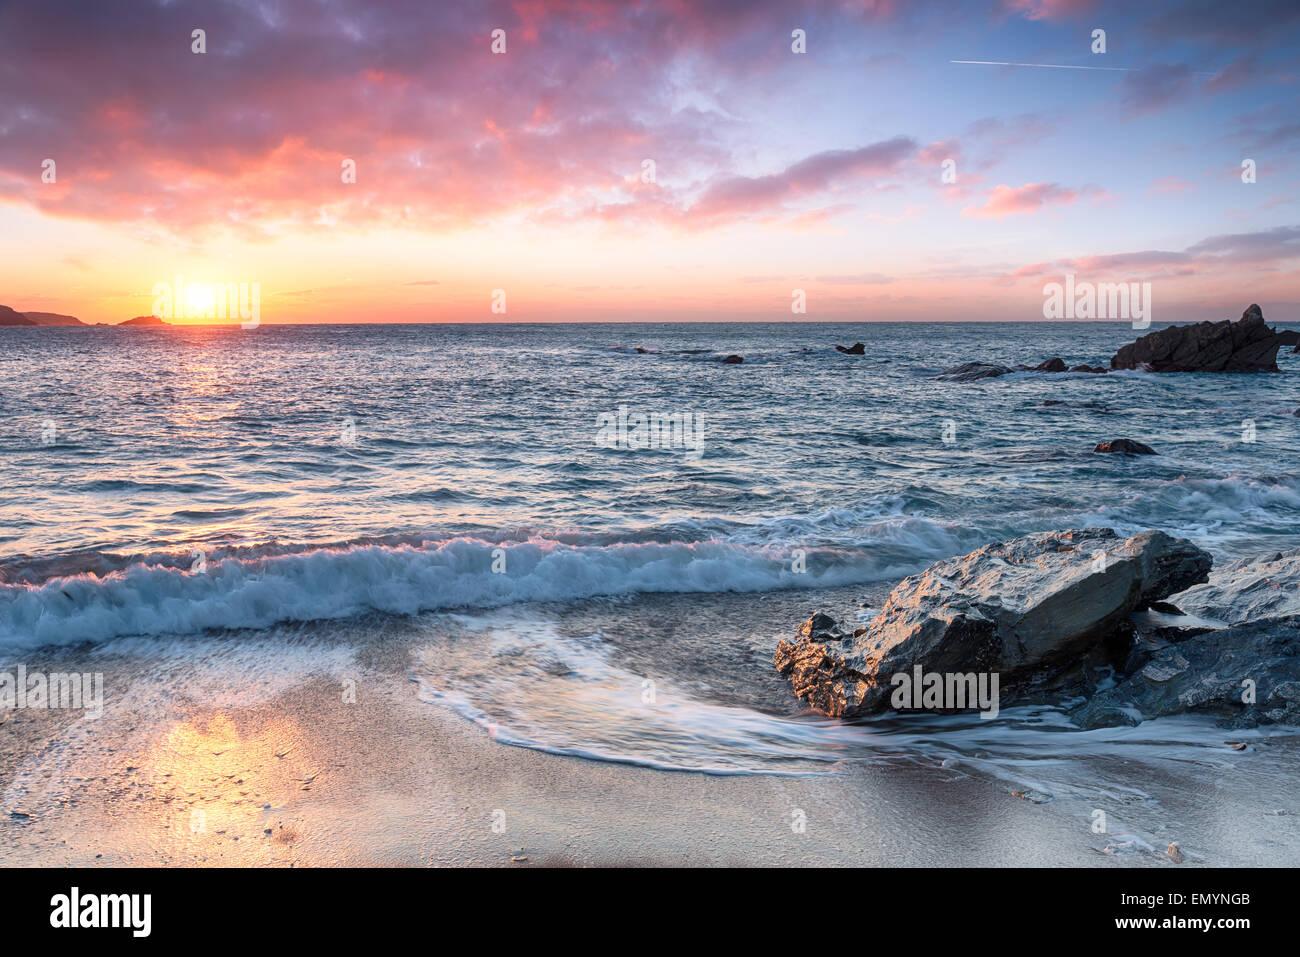 Belle plage au coucher du soleil Photo Stock